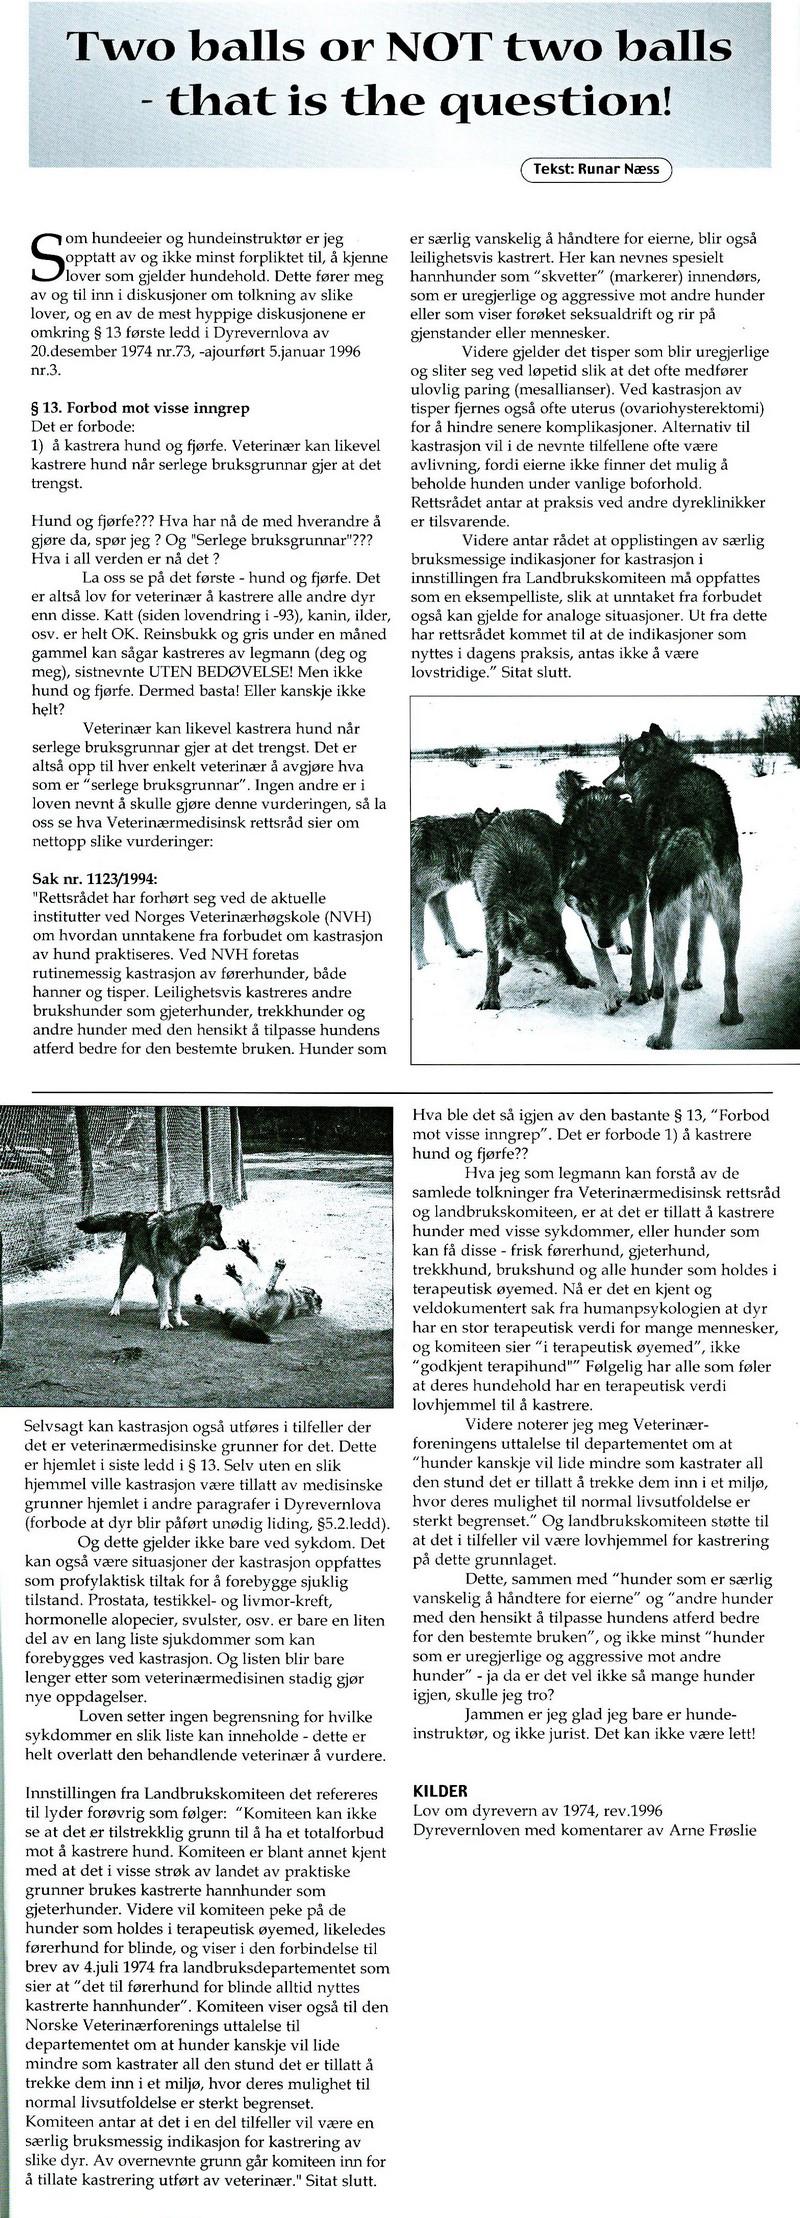 Artikkel om kastrering av hund